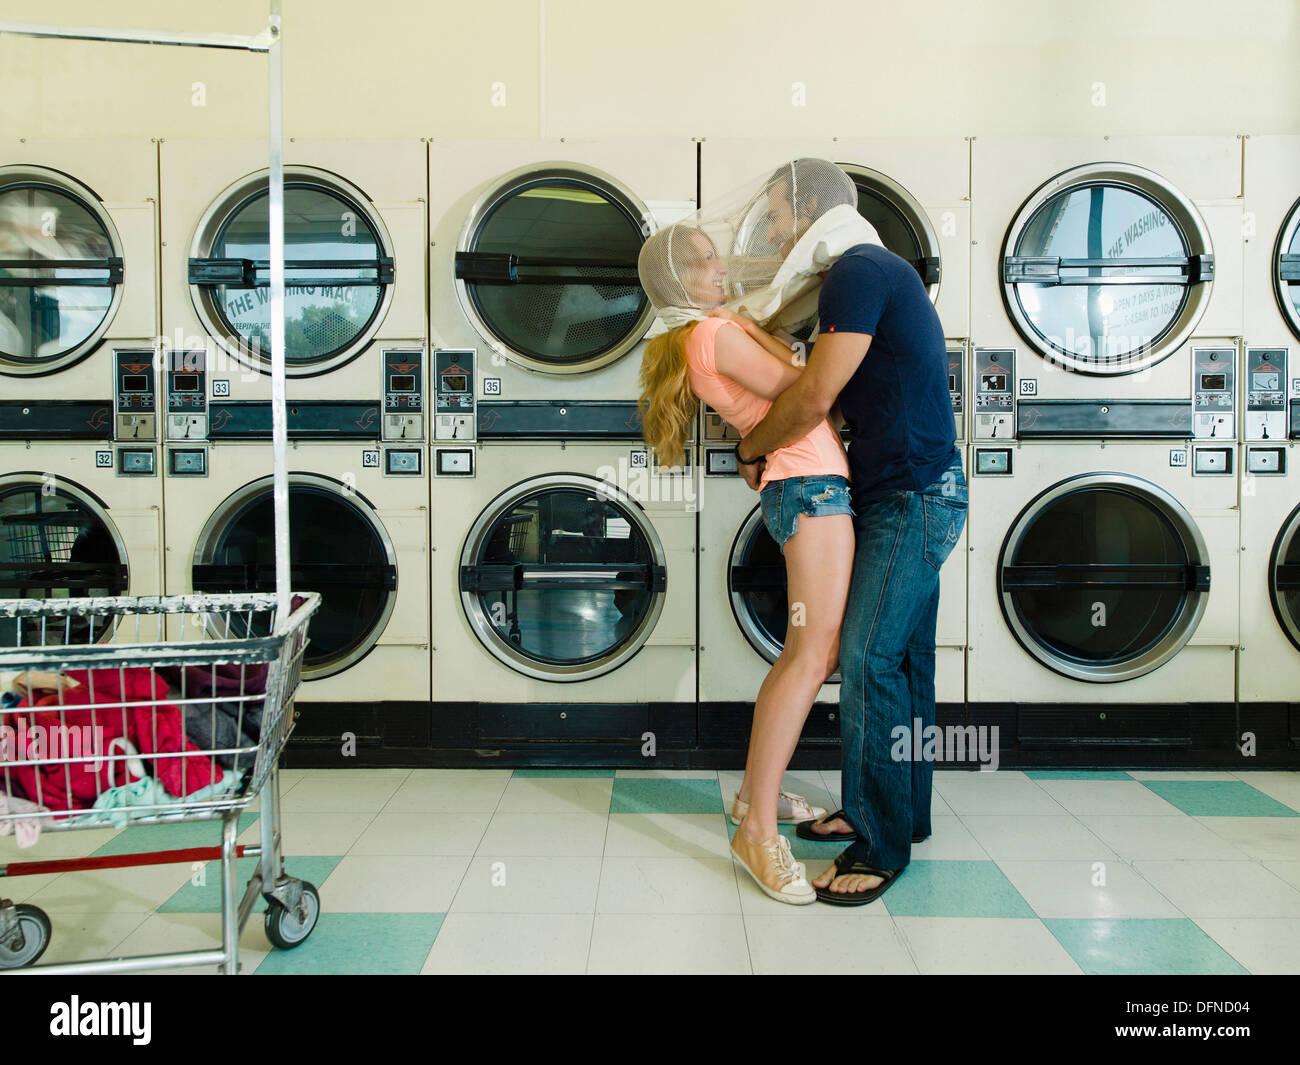 Une jolie femme hugs par un jeune homme à San Diego coin laverie. Photo Stock